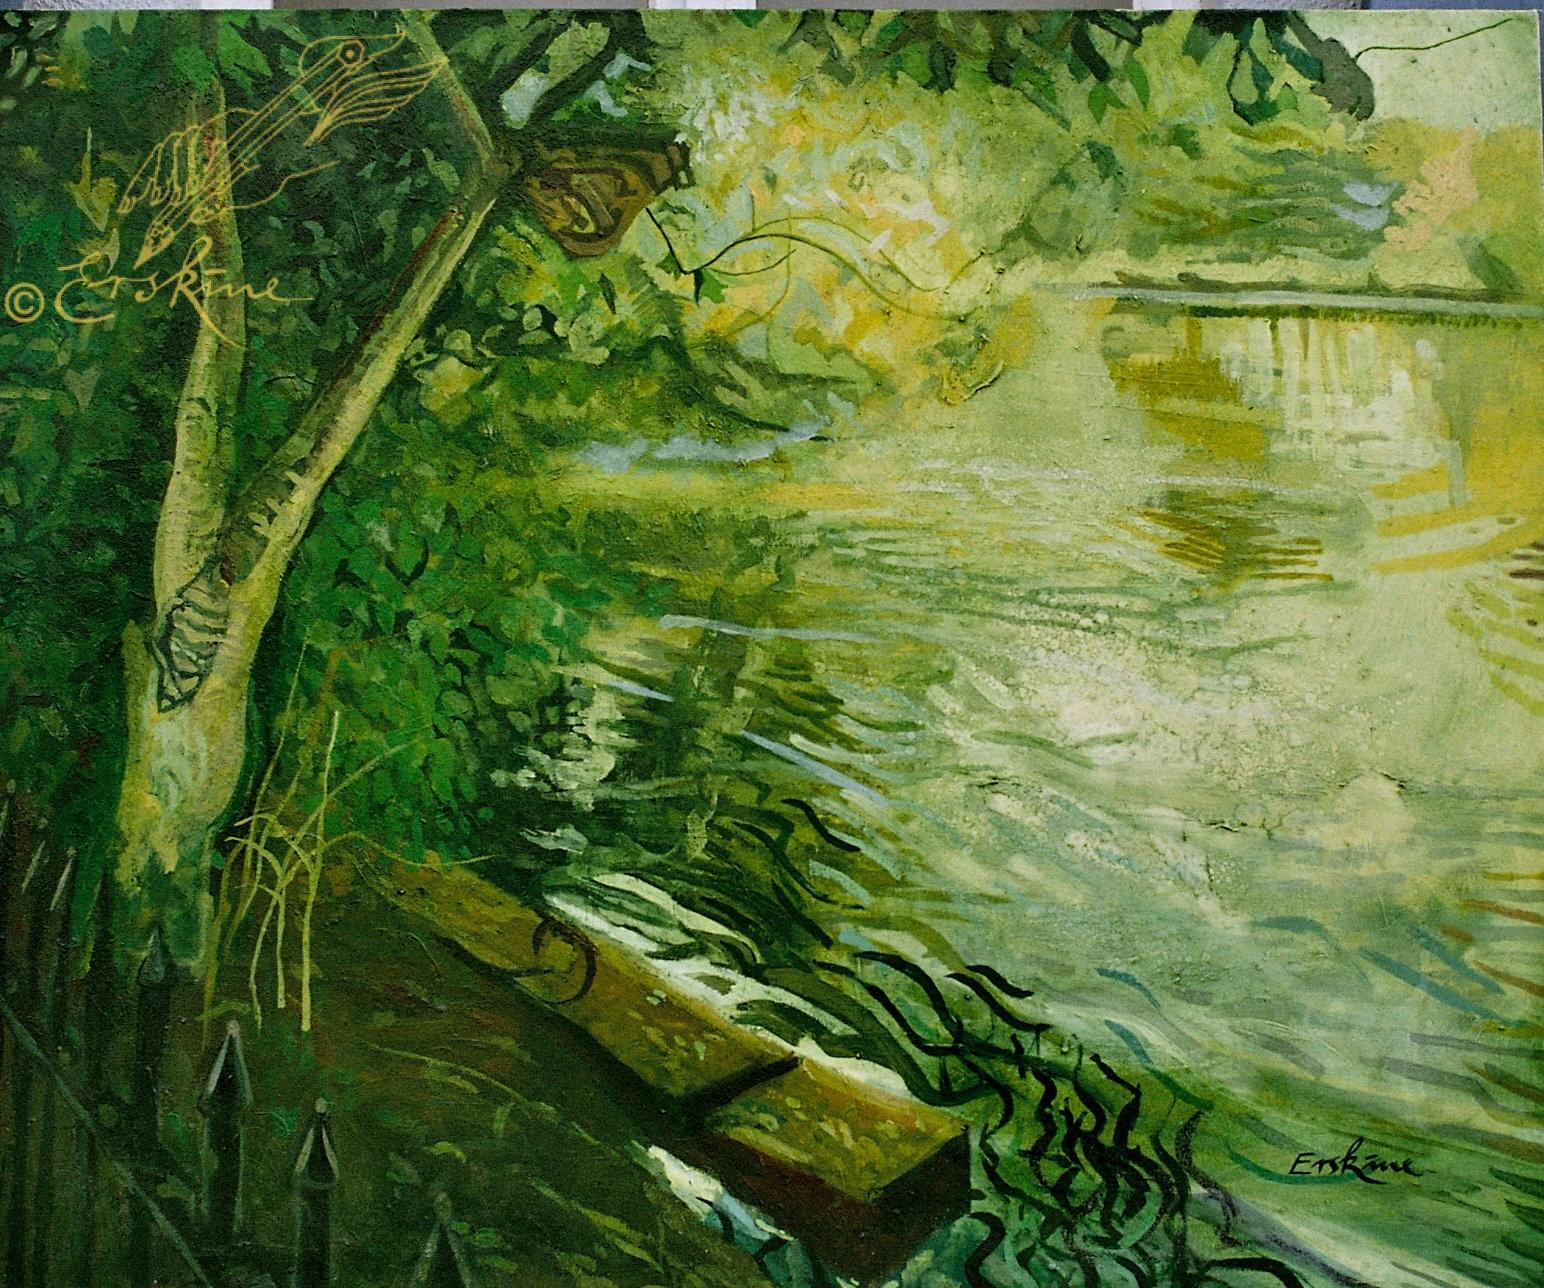 Pond, Hampstead Heath. 1.2x1